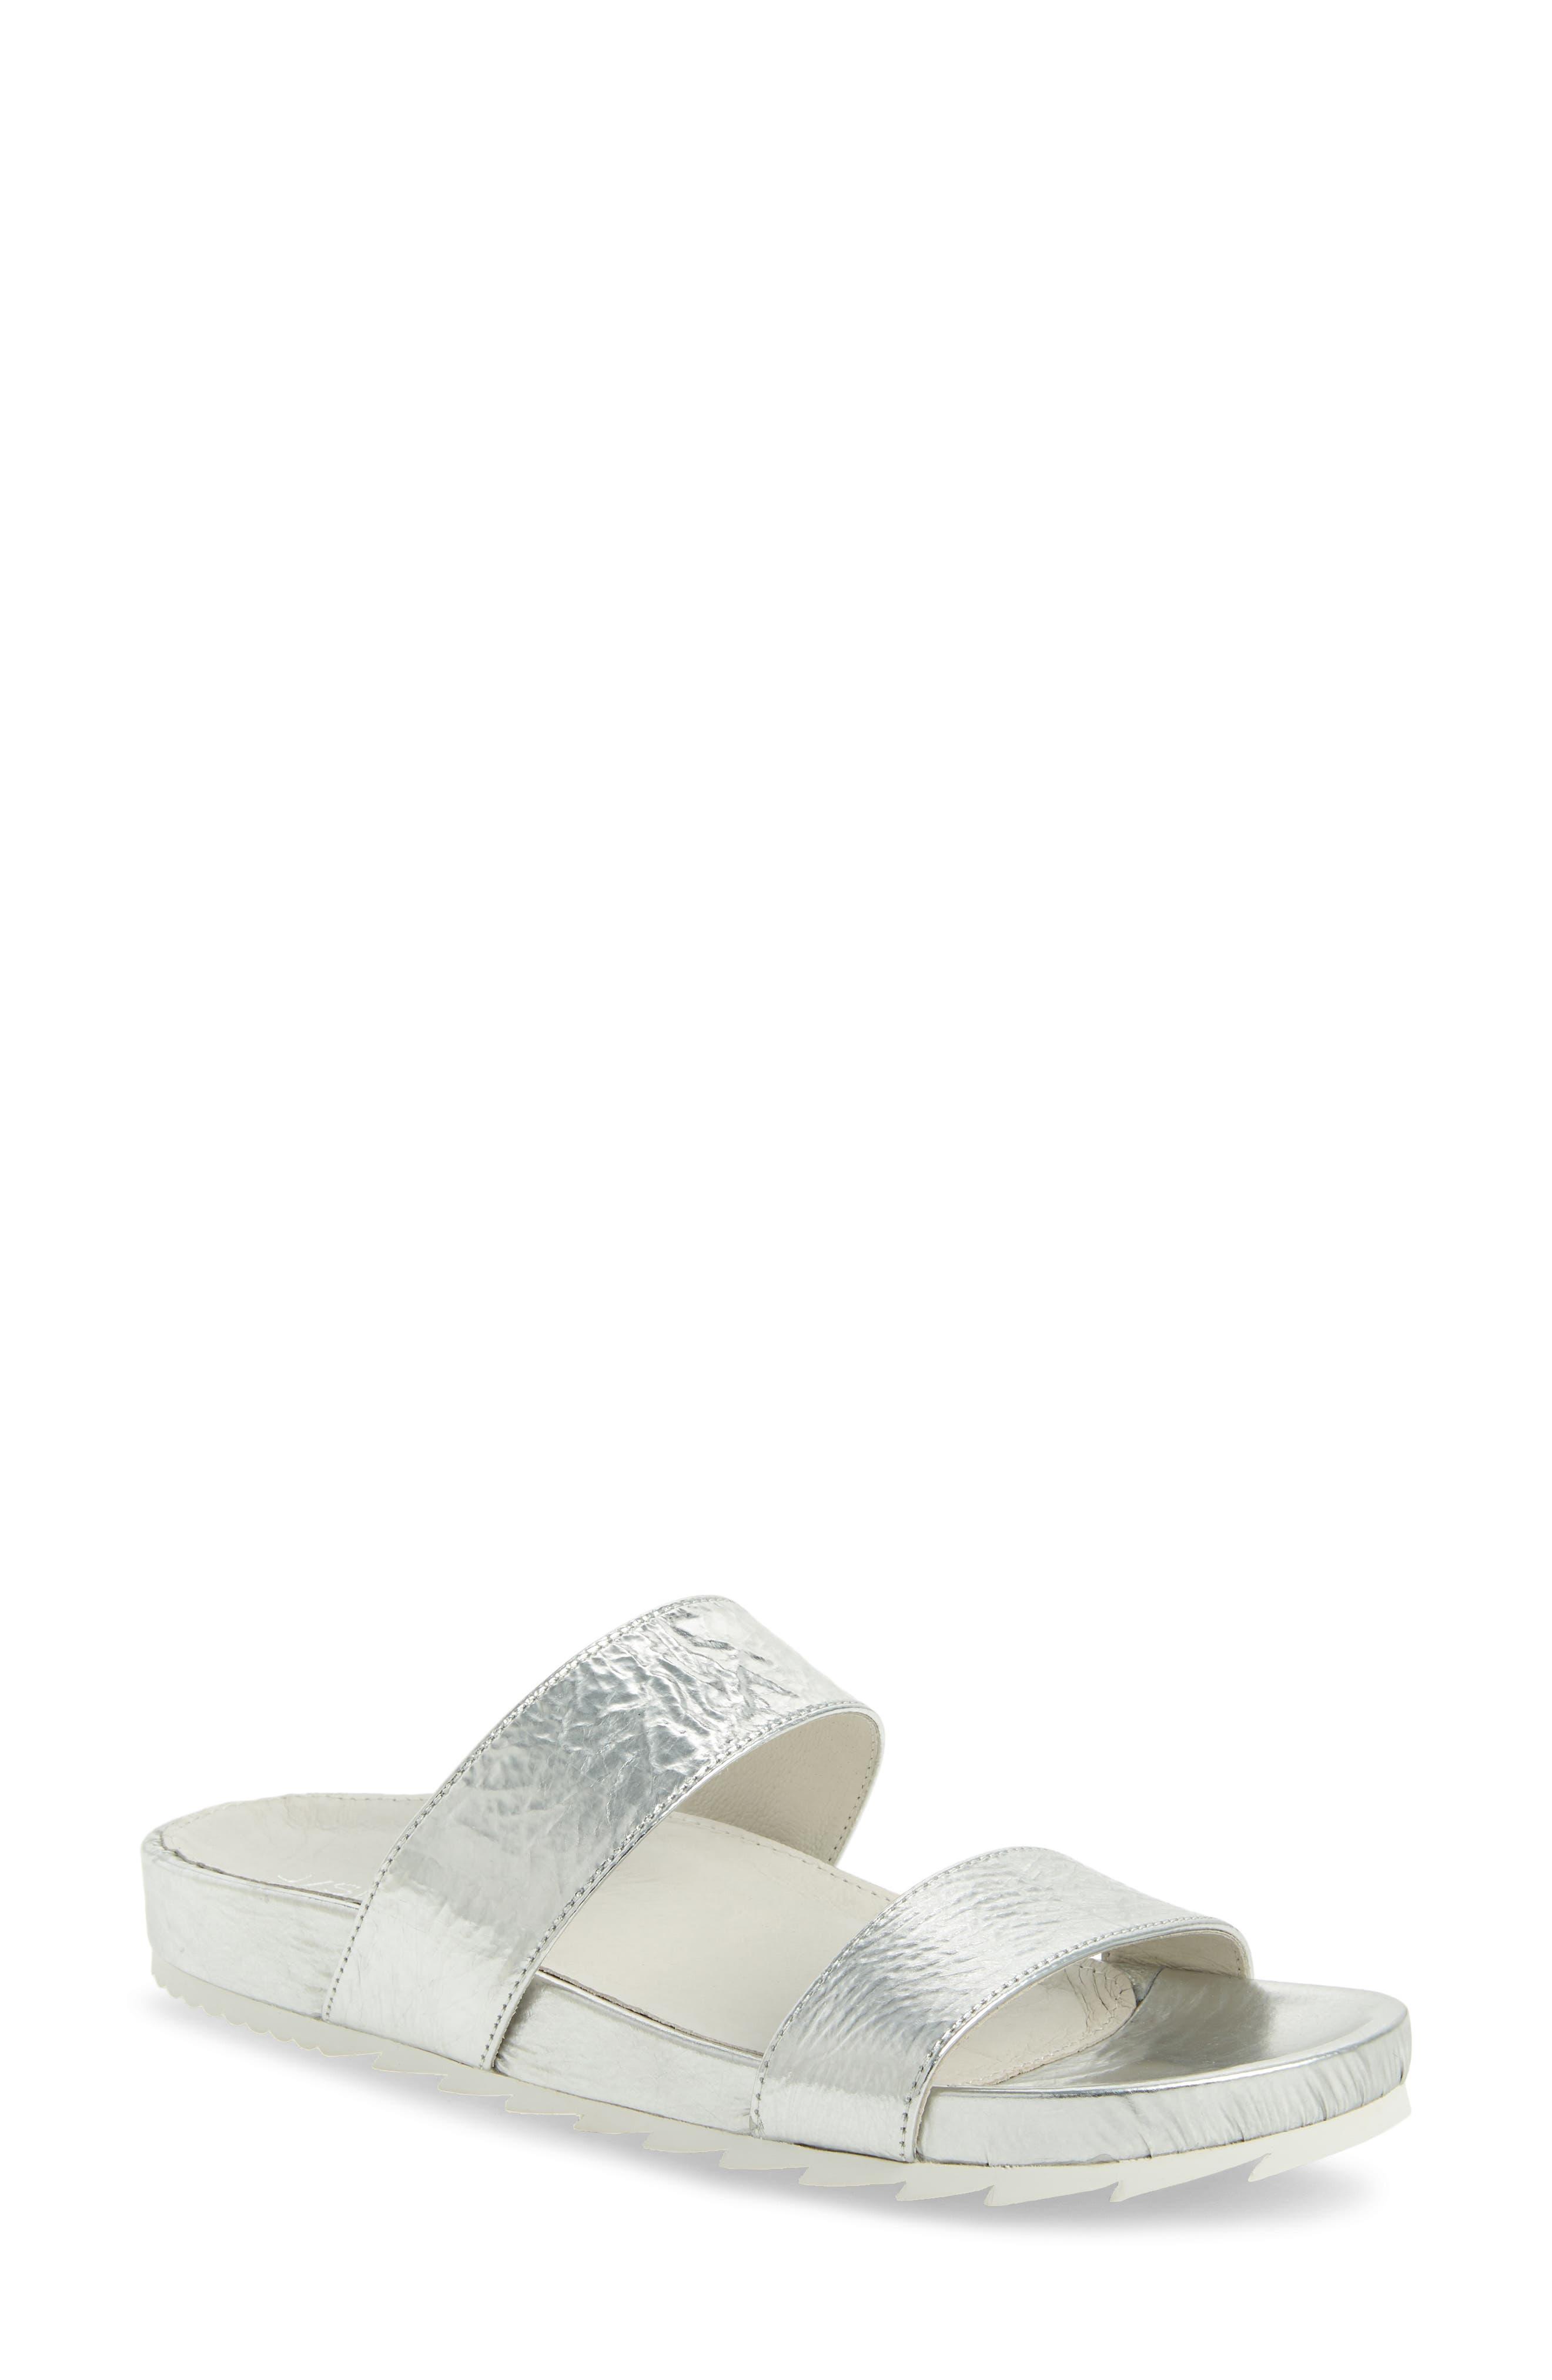 Jslides Edie Sandal, Metallic